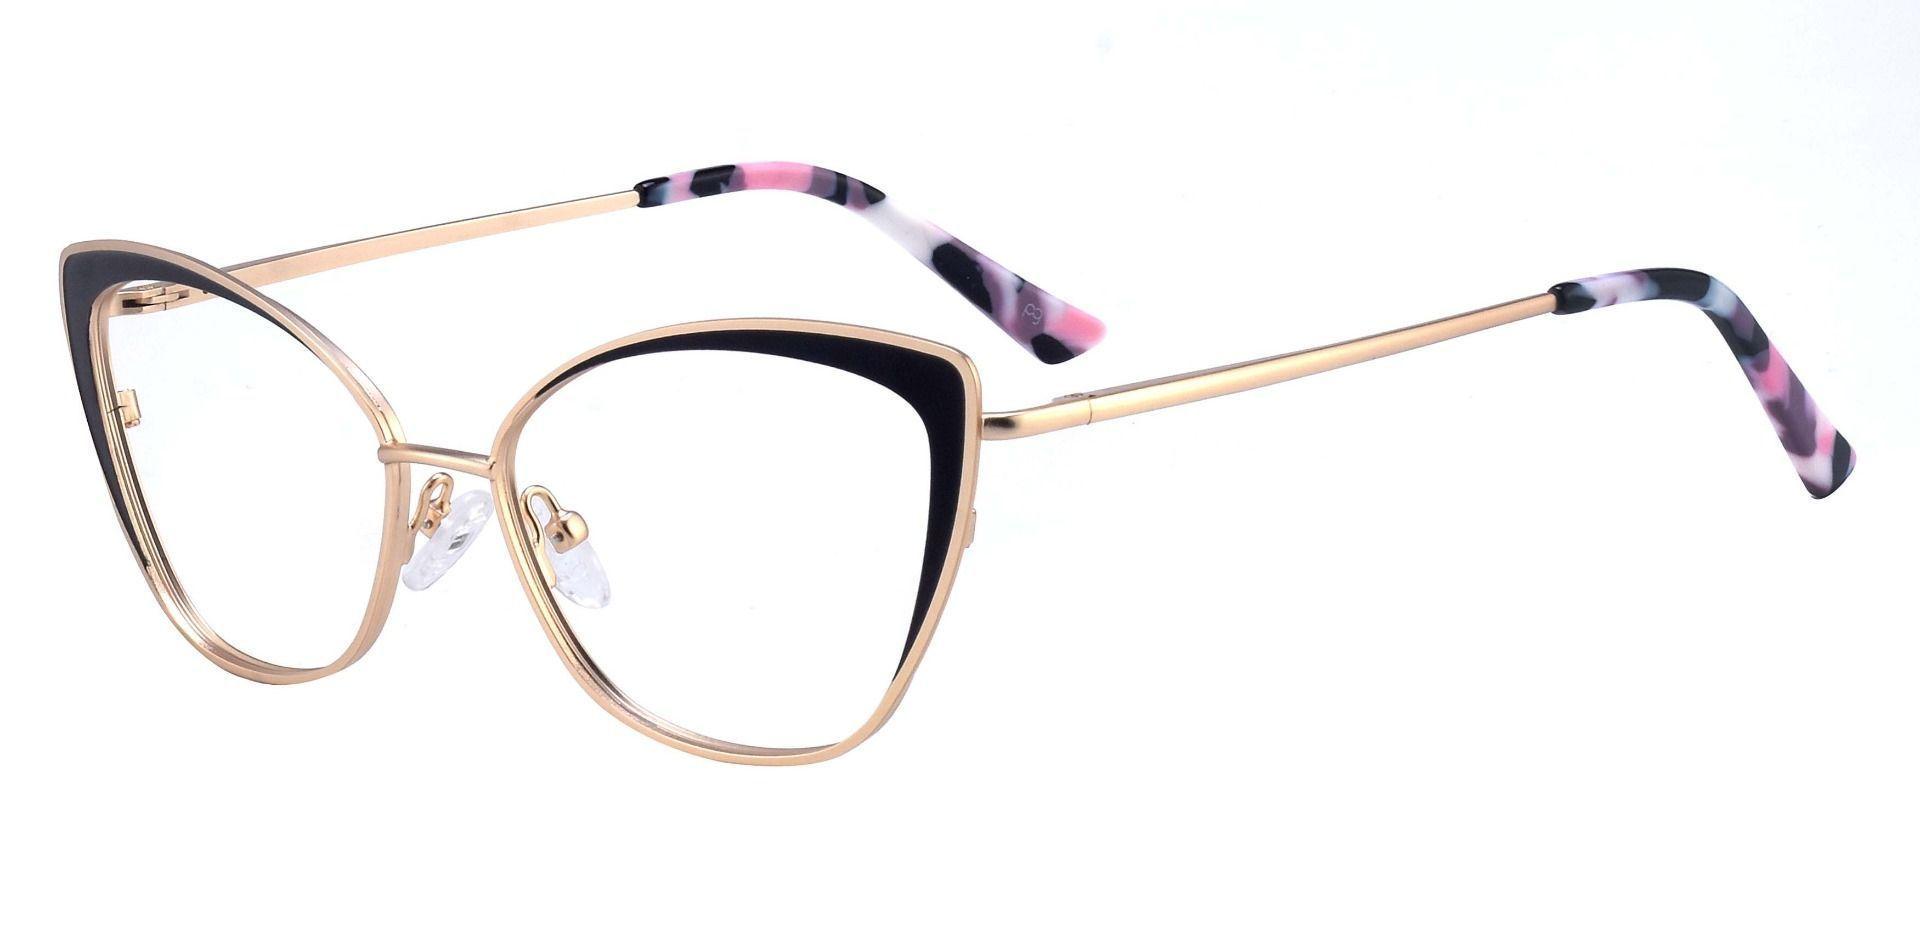 Verbena Cat Eye Prescription Glasses - Black